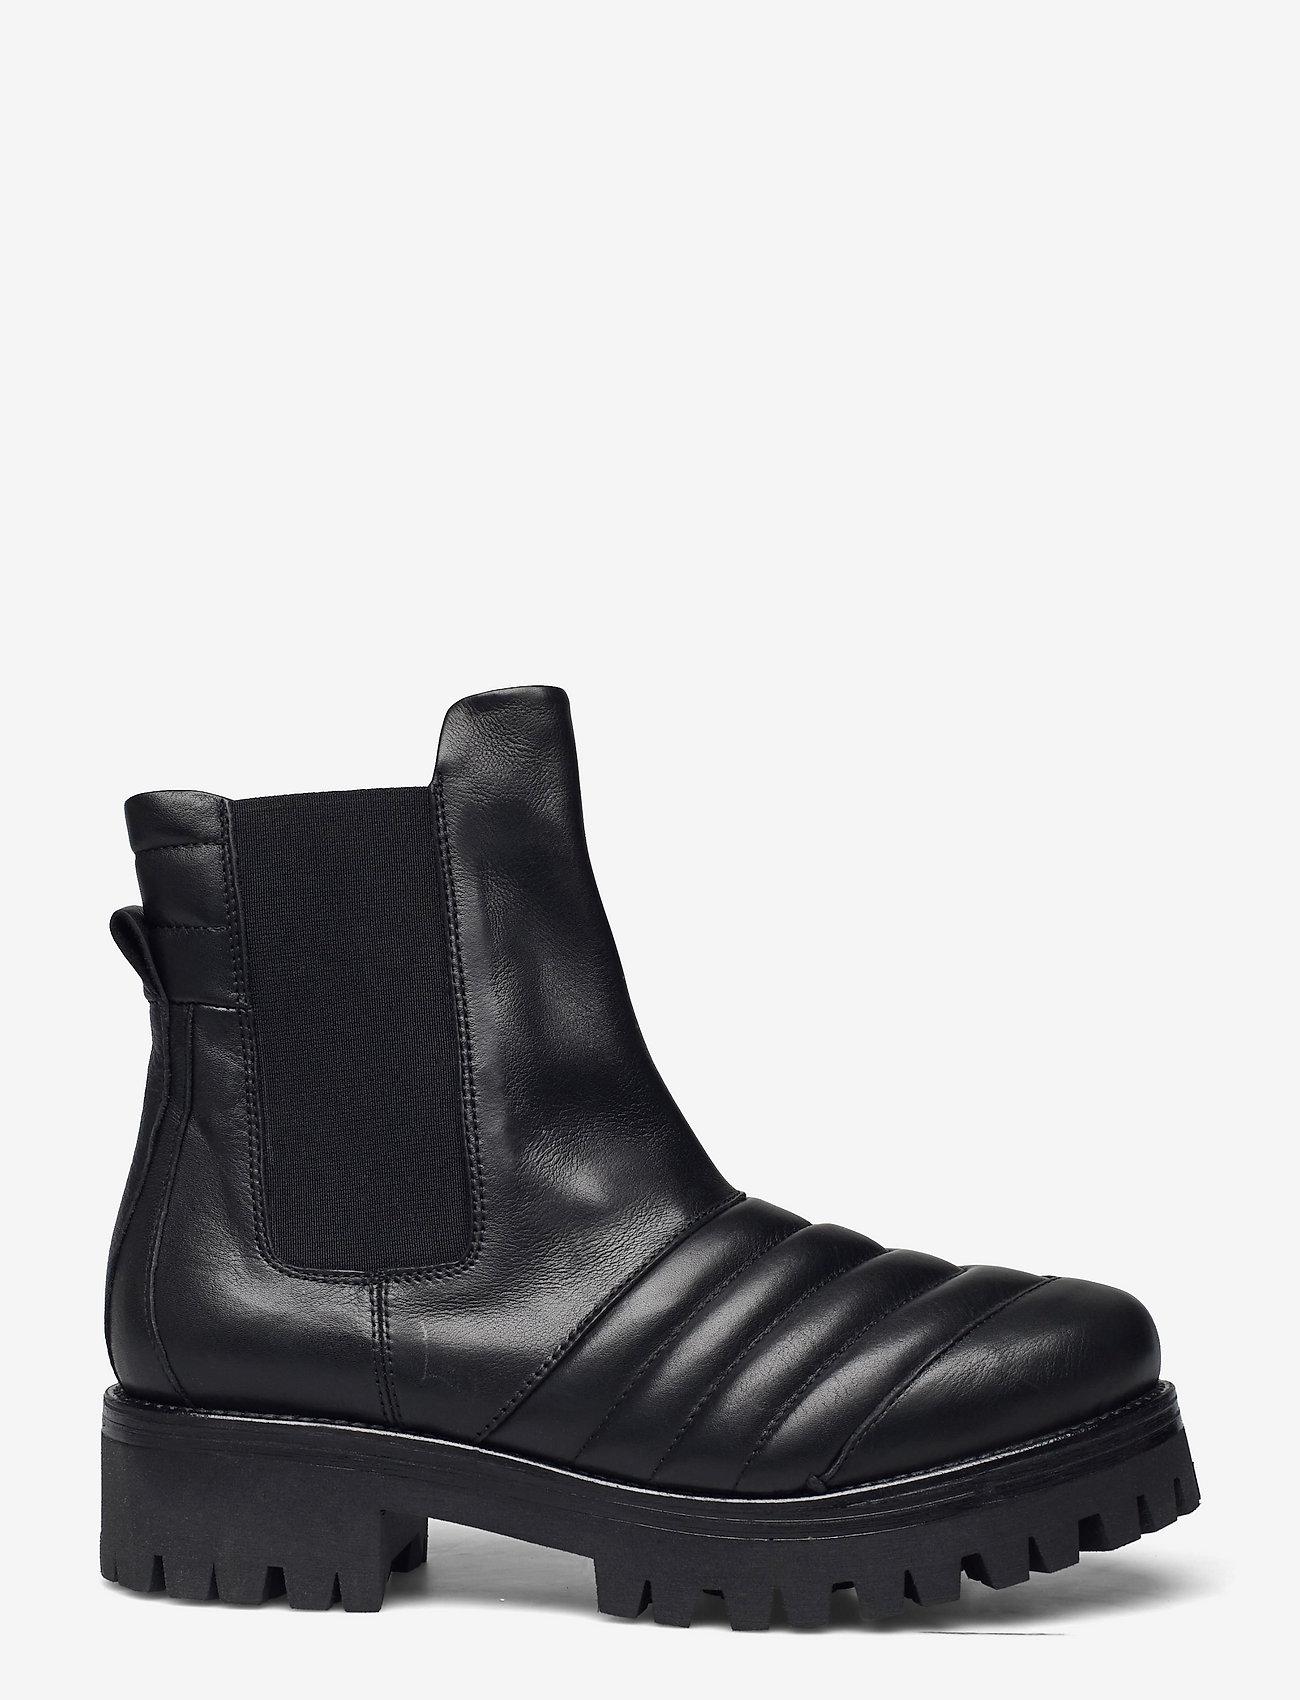 Nude of Scandinavia - IGGY - chelsea boots - kips / nero - 1